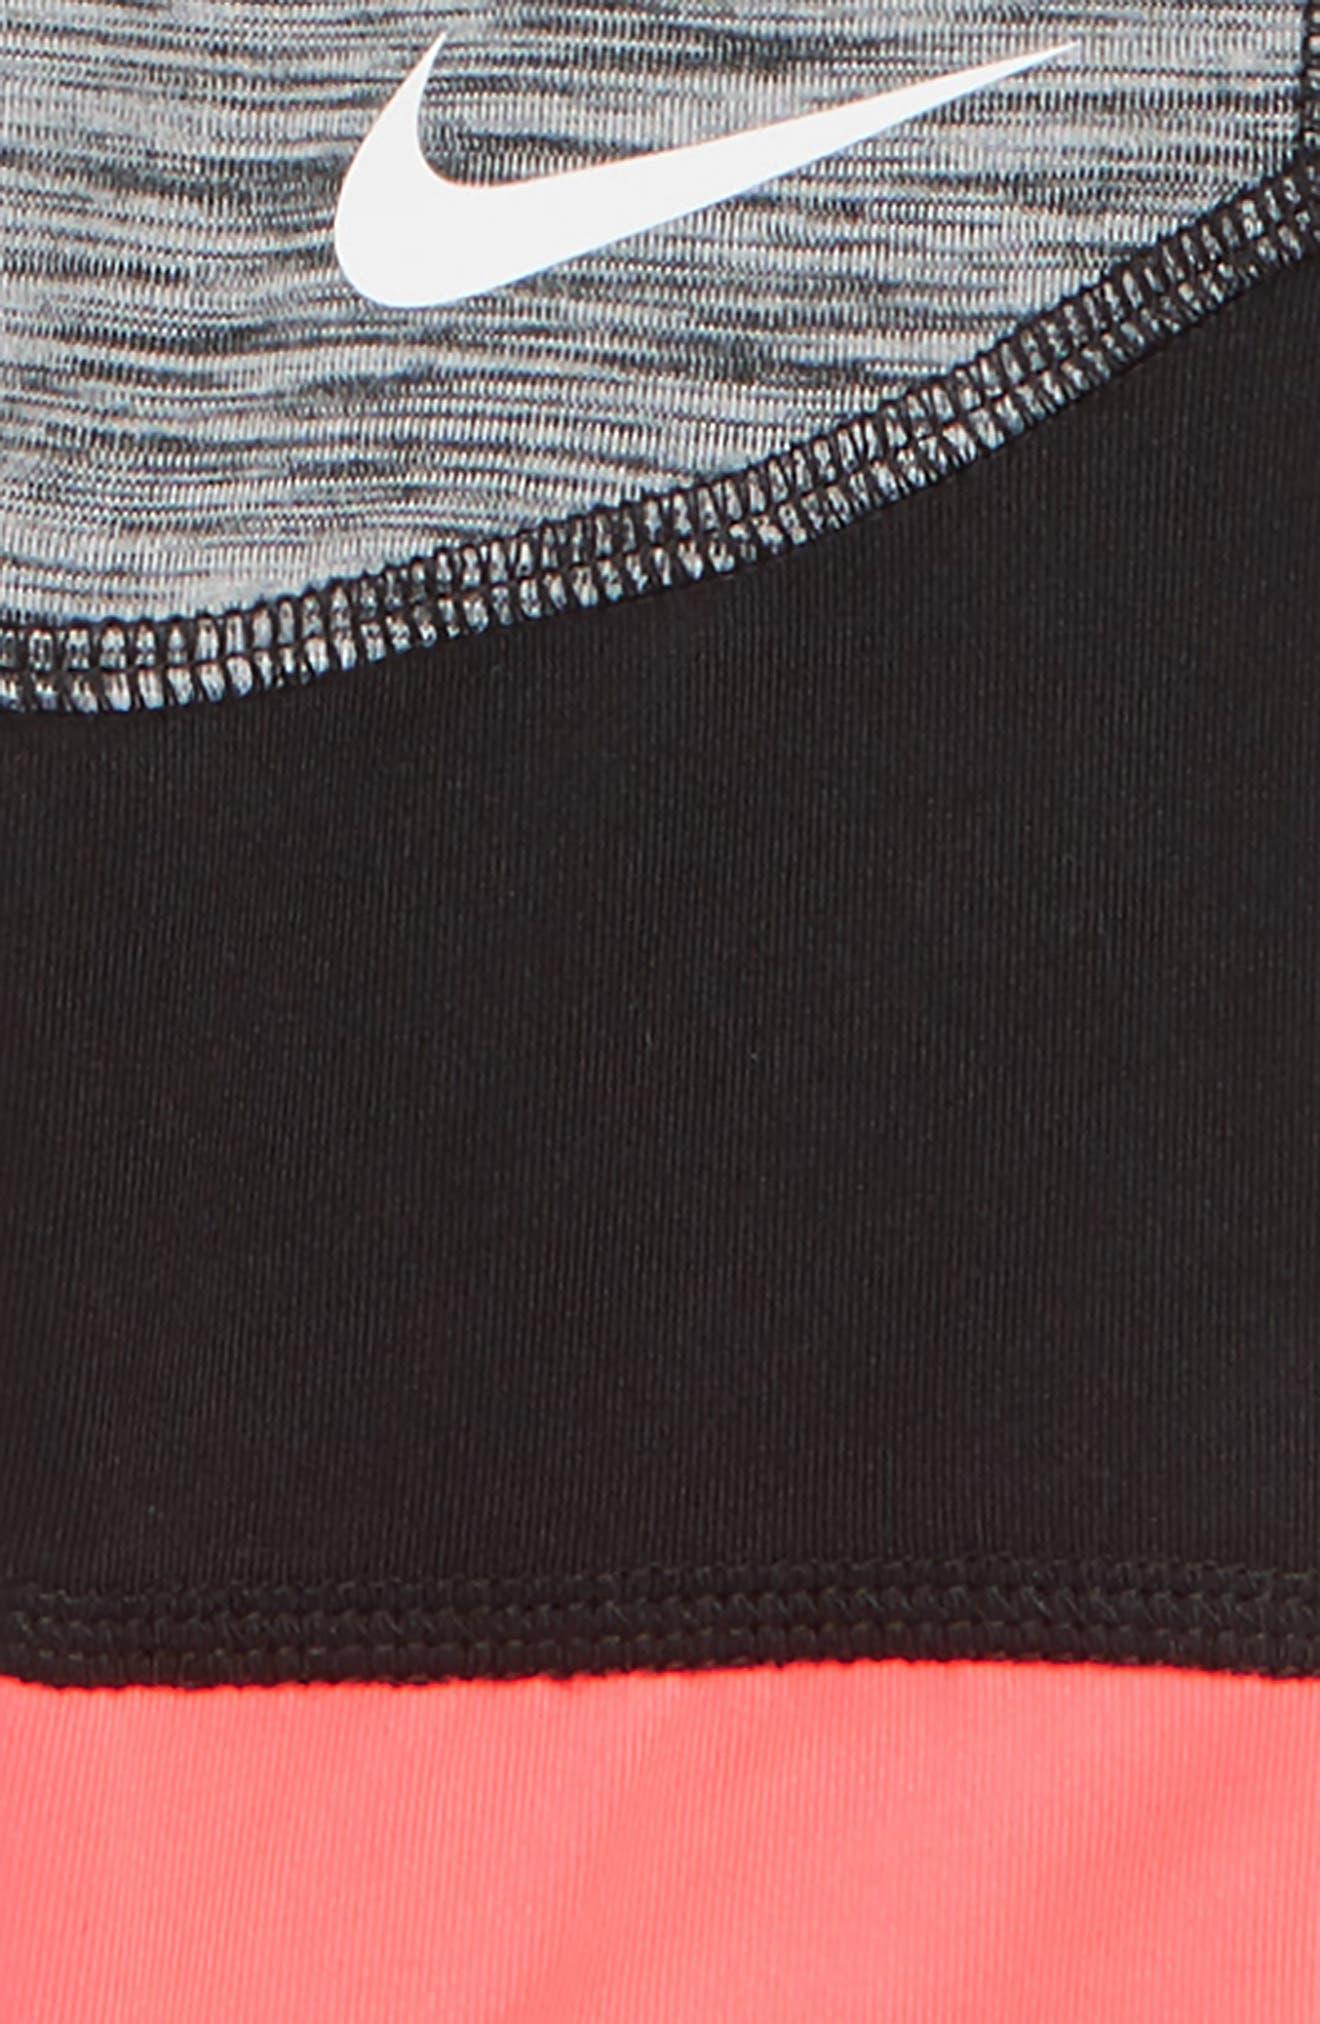 Dry Split Leggings,                             Alternate thumbnail 2, color,                             006